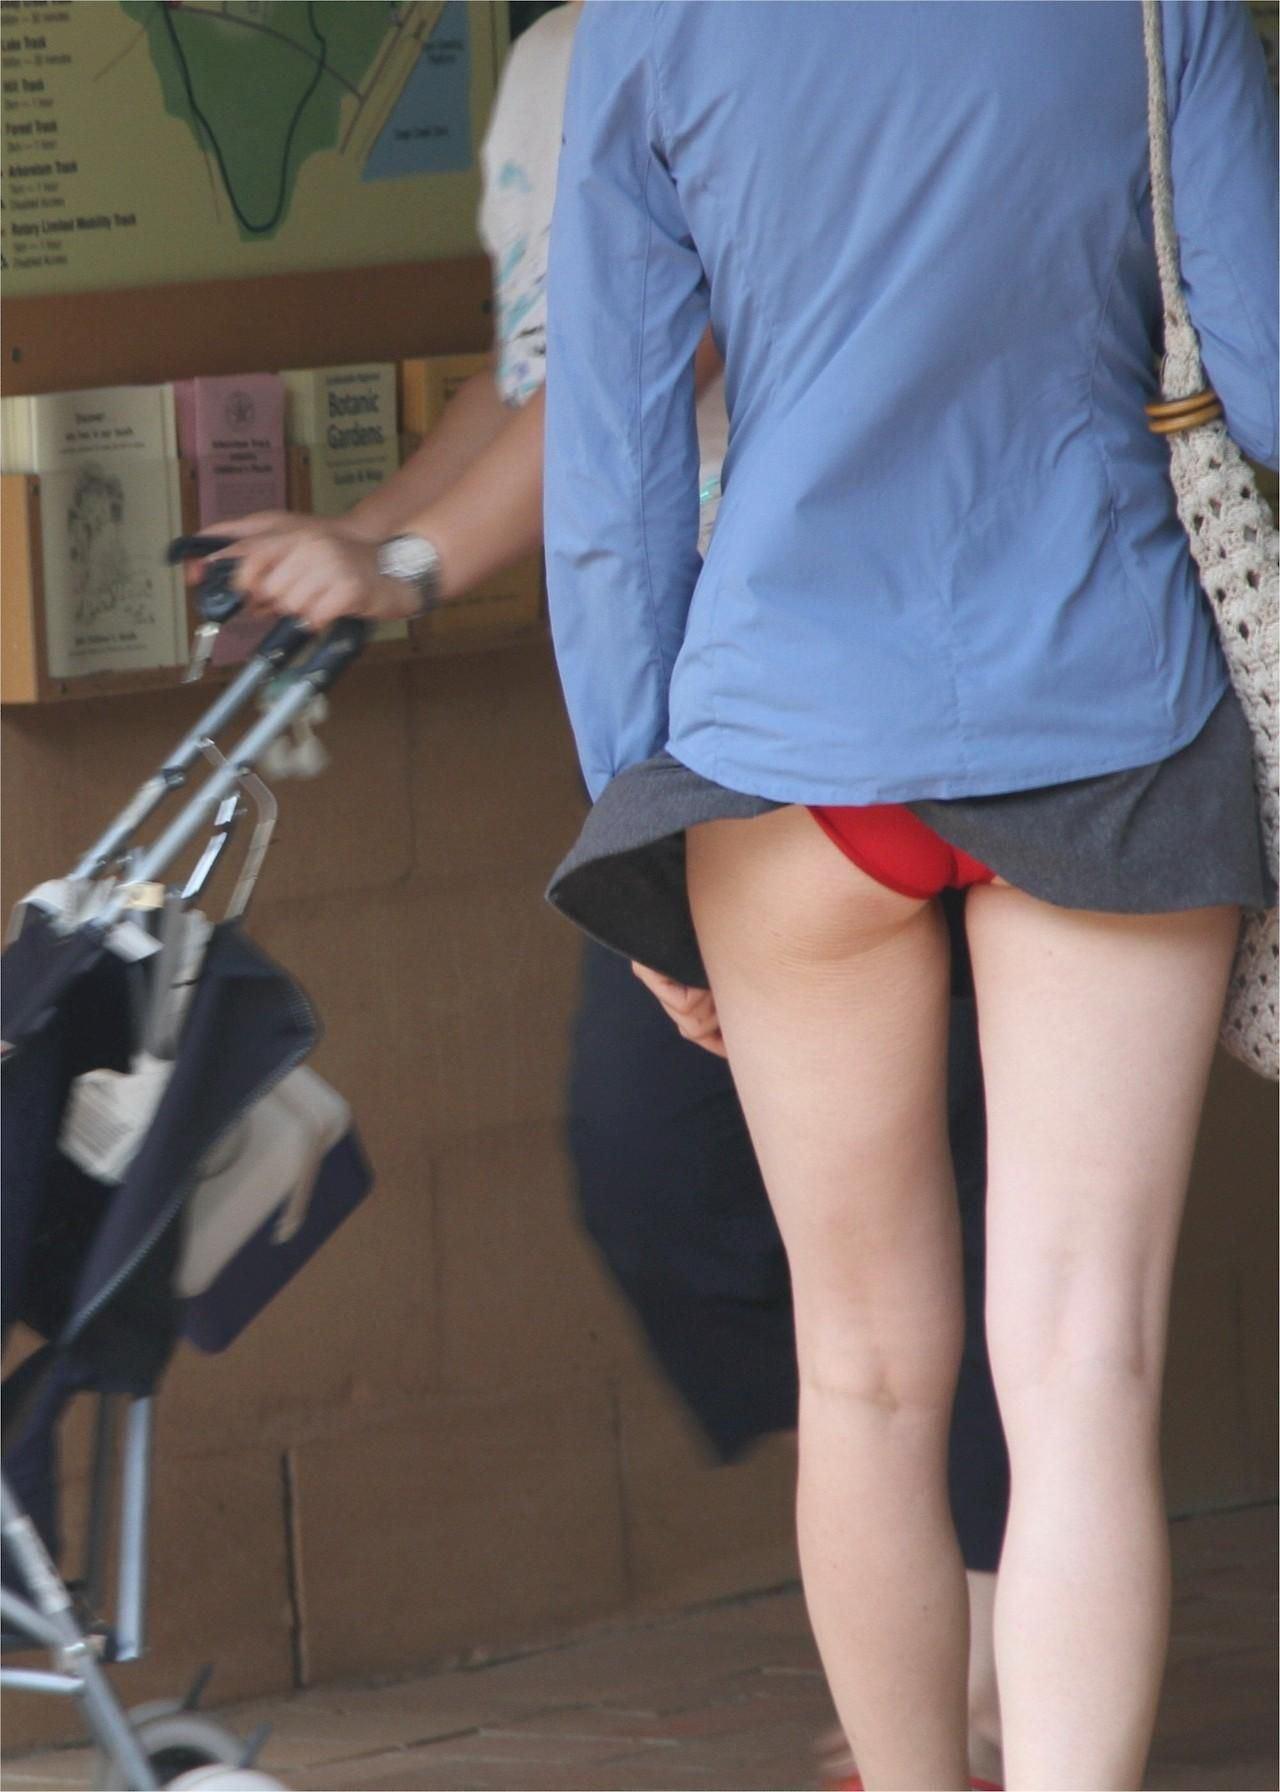 プリッとしたお尻と赤パンツがセクシー過ぎる!